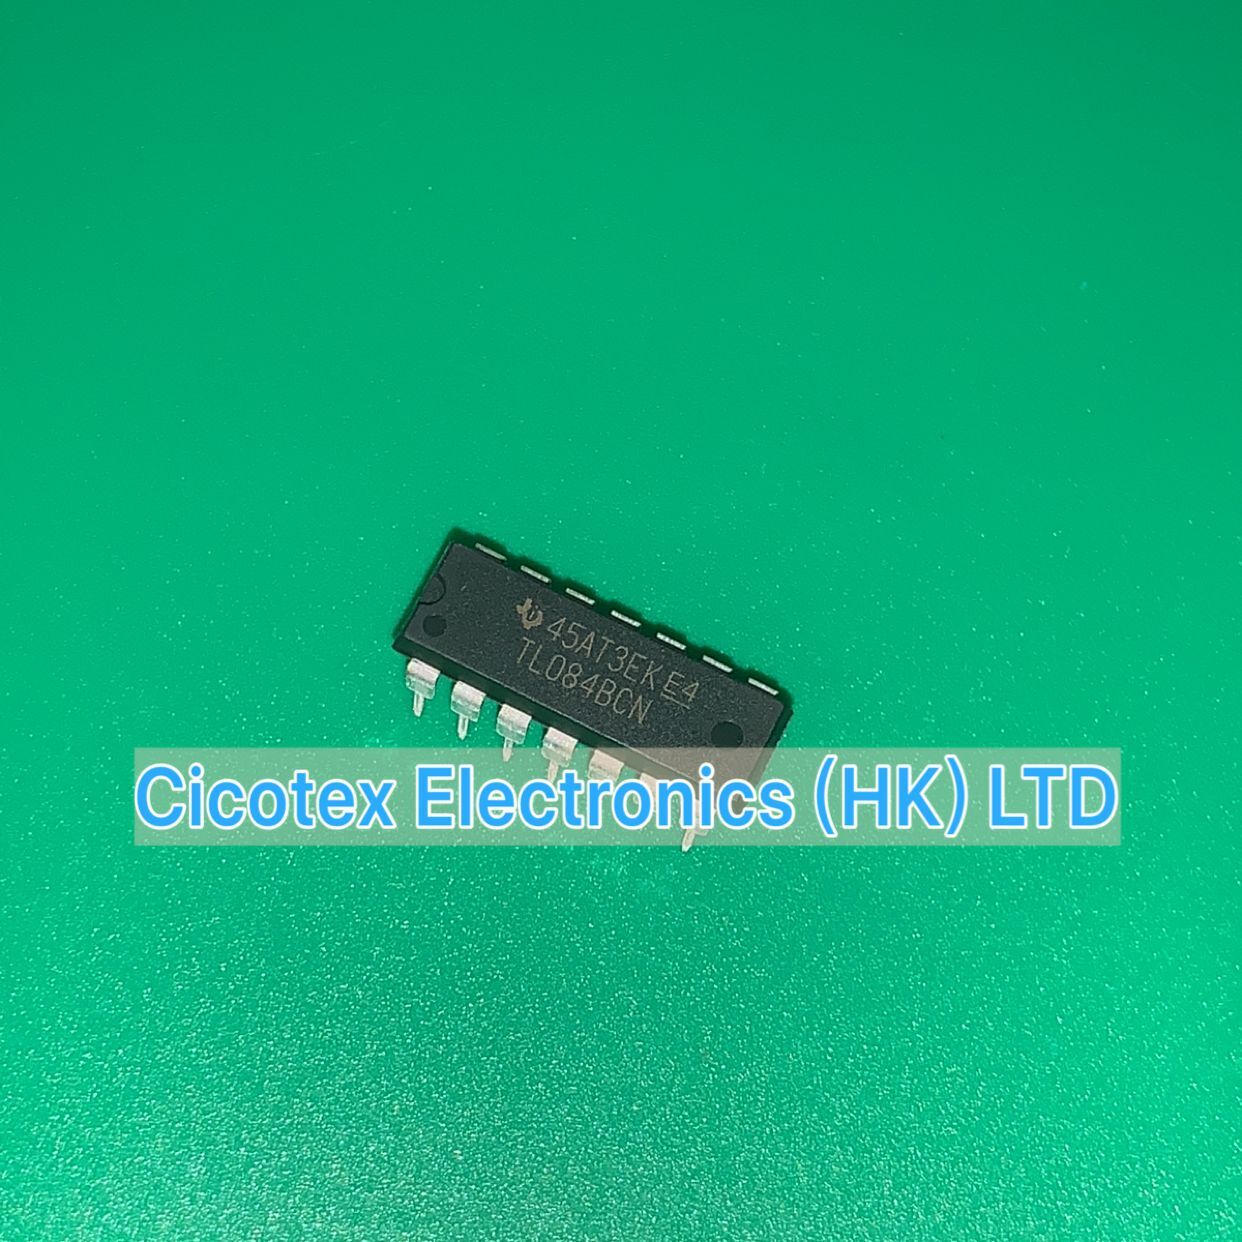 5pcs/lot TL084BCN DIP14 TL 084BCN IC OPAMP JFET 3MHZ 14DIP TL084BCNG4 TL084 BCN TL0848CN